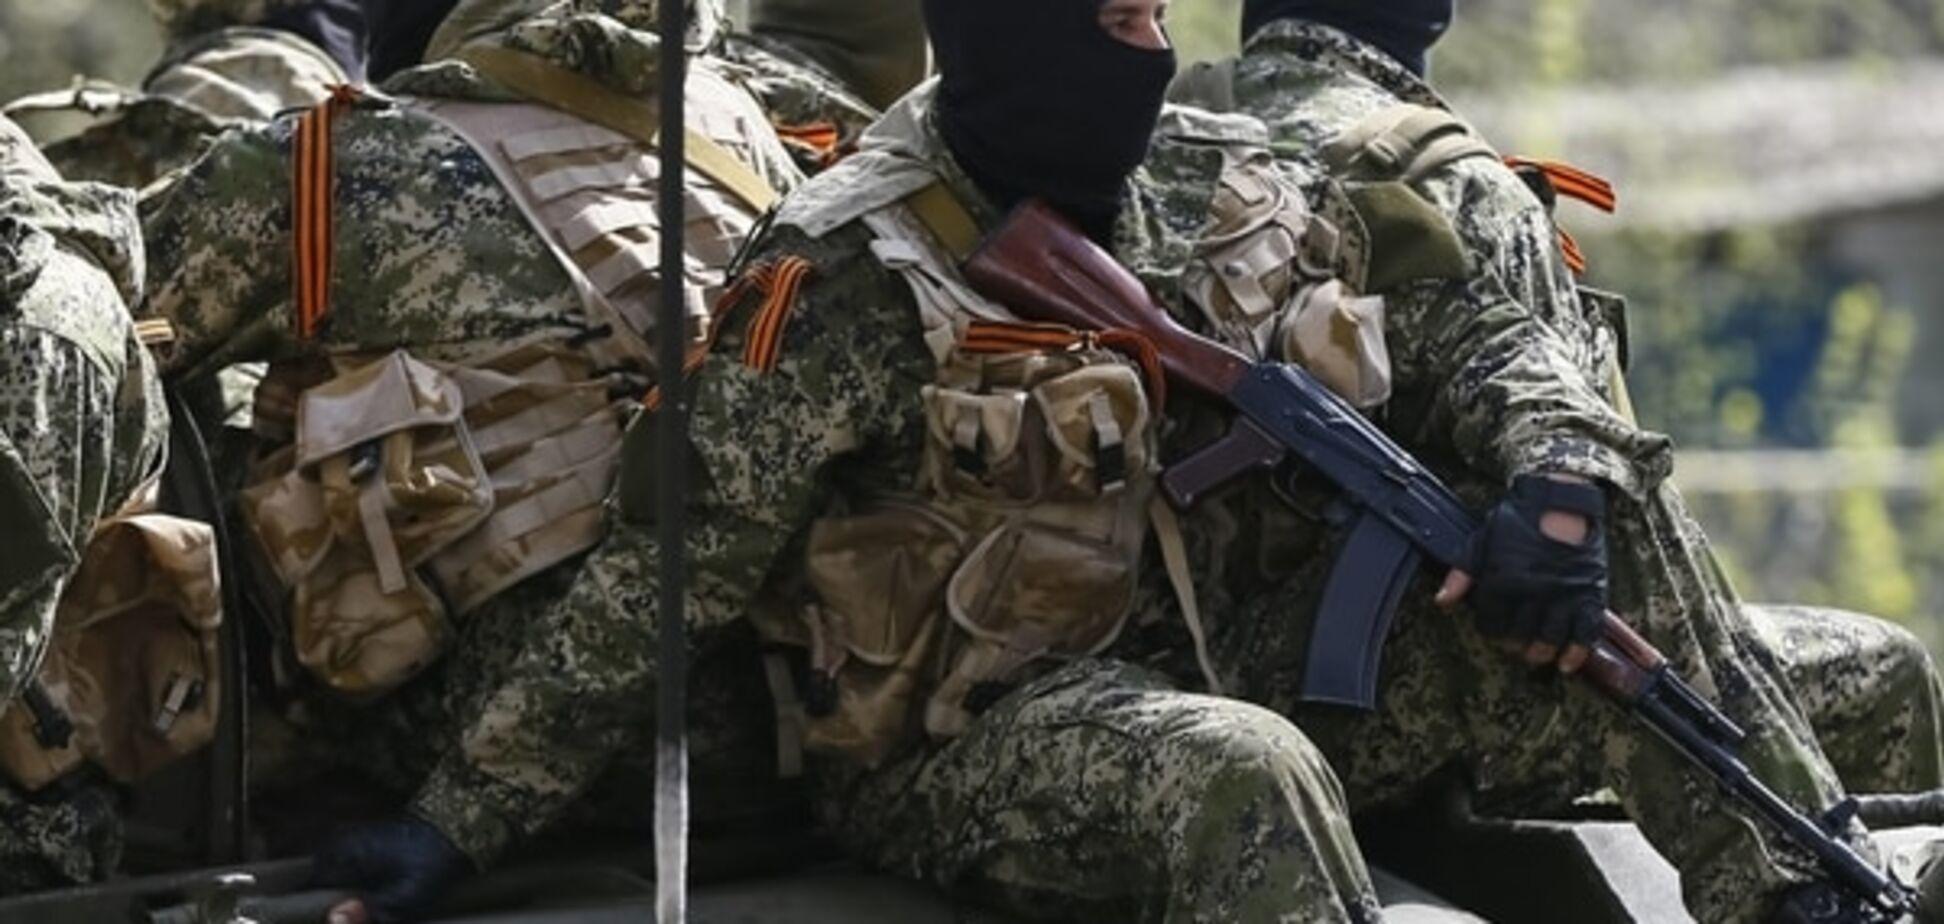 Бойовики готують контрнаступ на Артемівському напрямку - Тимчук